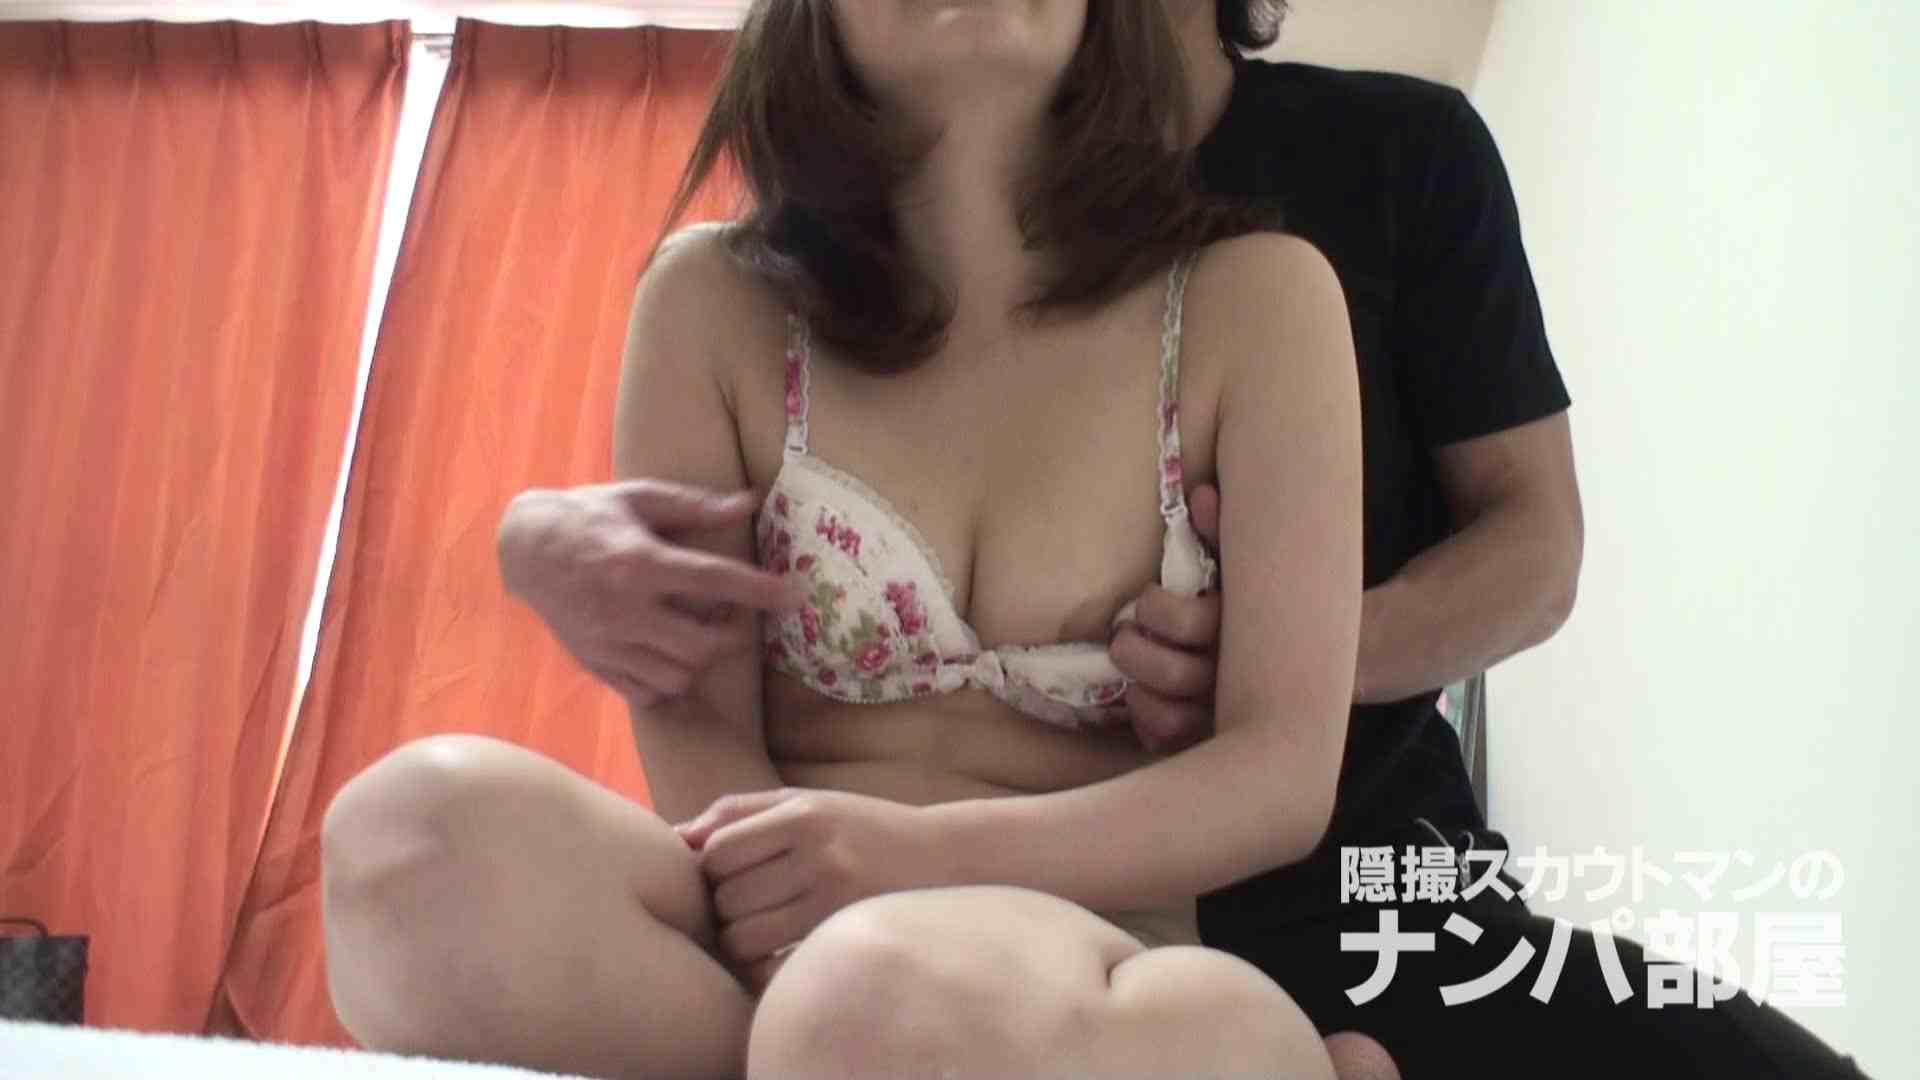 隠撮スカウトマンのナンパ部屋~風俗デビュー前のつまみ食い~ siivol.2 ナンパ  80pic 52